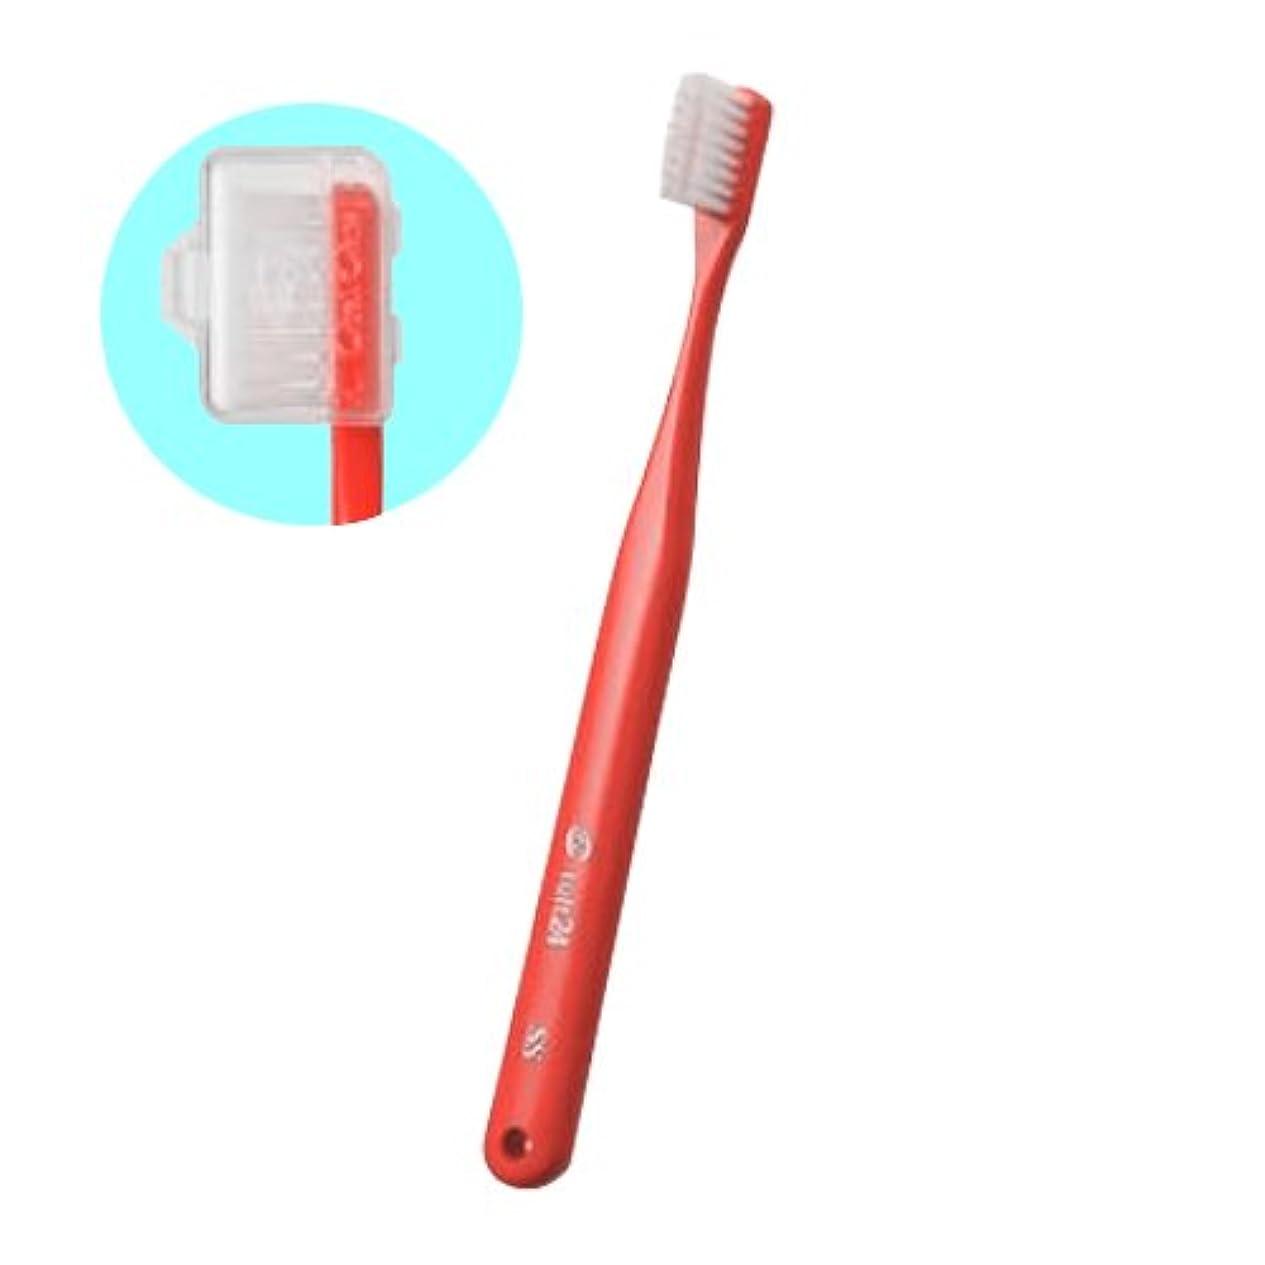 カストディアン倉庫ガムオーラルケア キャップ付き タフト 24 歯ブラシ エクストラスーパーソフト 1本 (レッド)